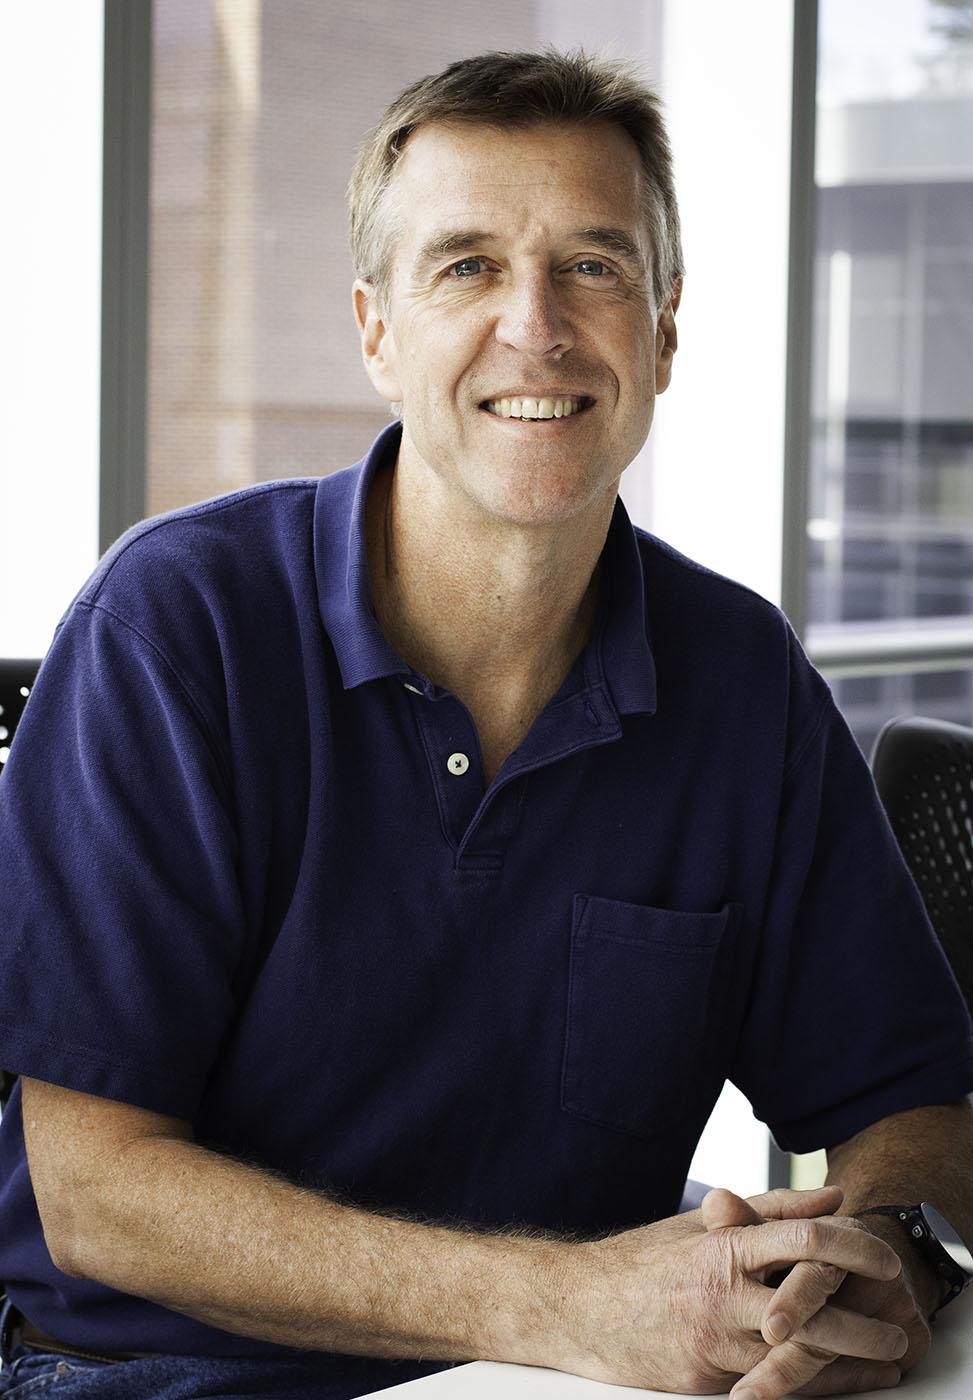 Dr. Kevin Weeks